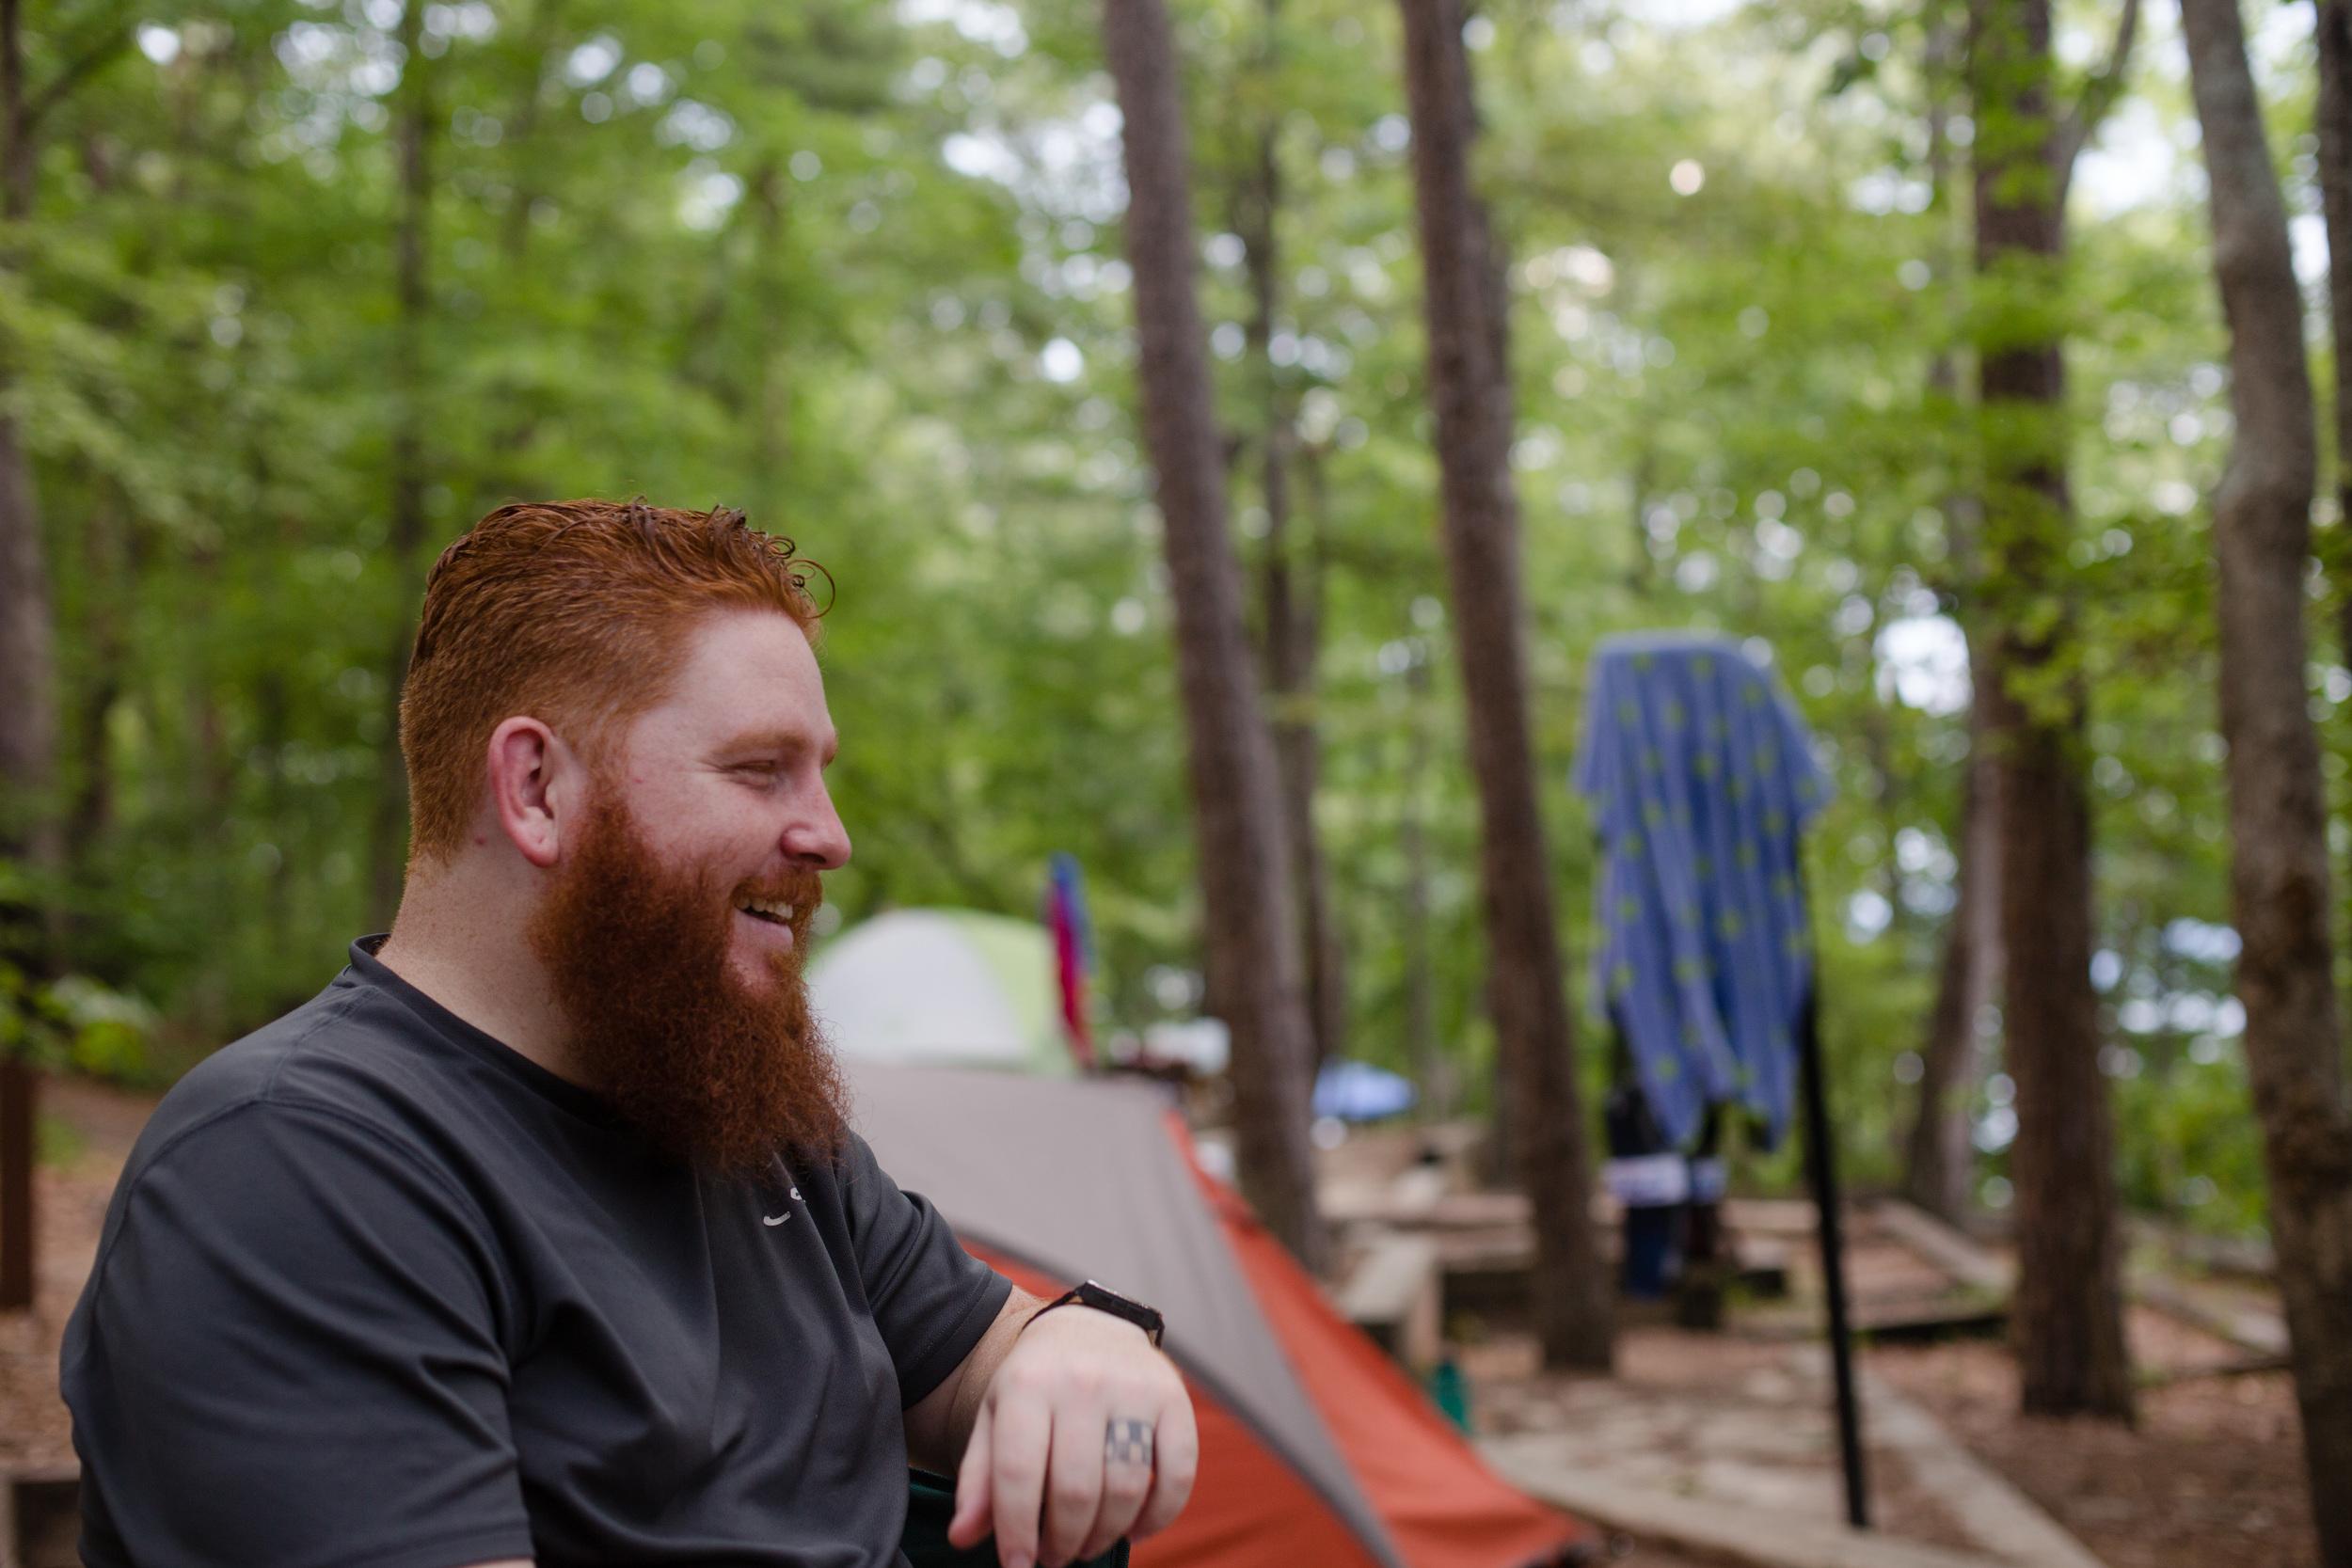 Devils_Fork_State_Park_July_2015_Lake_Jocassee_008.jpg